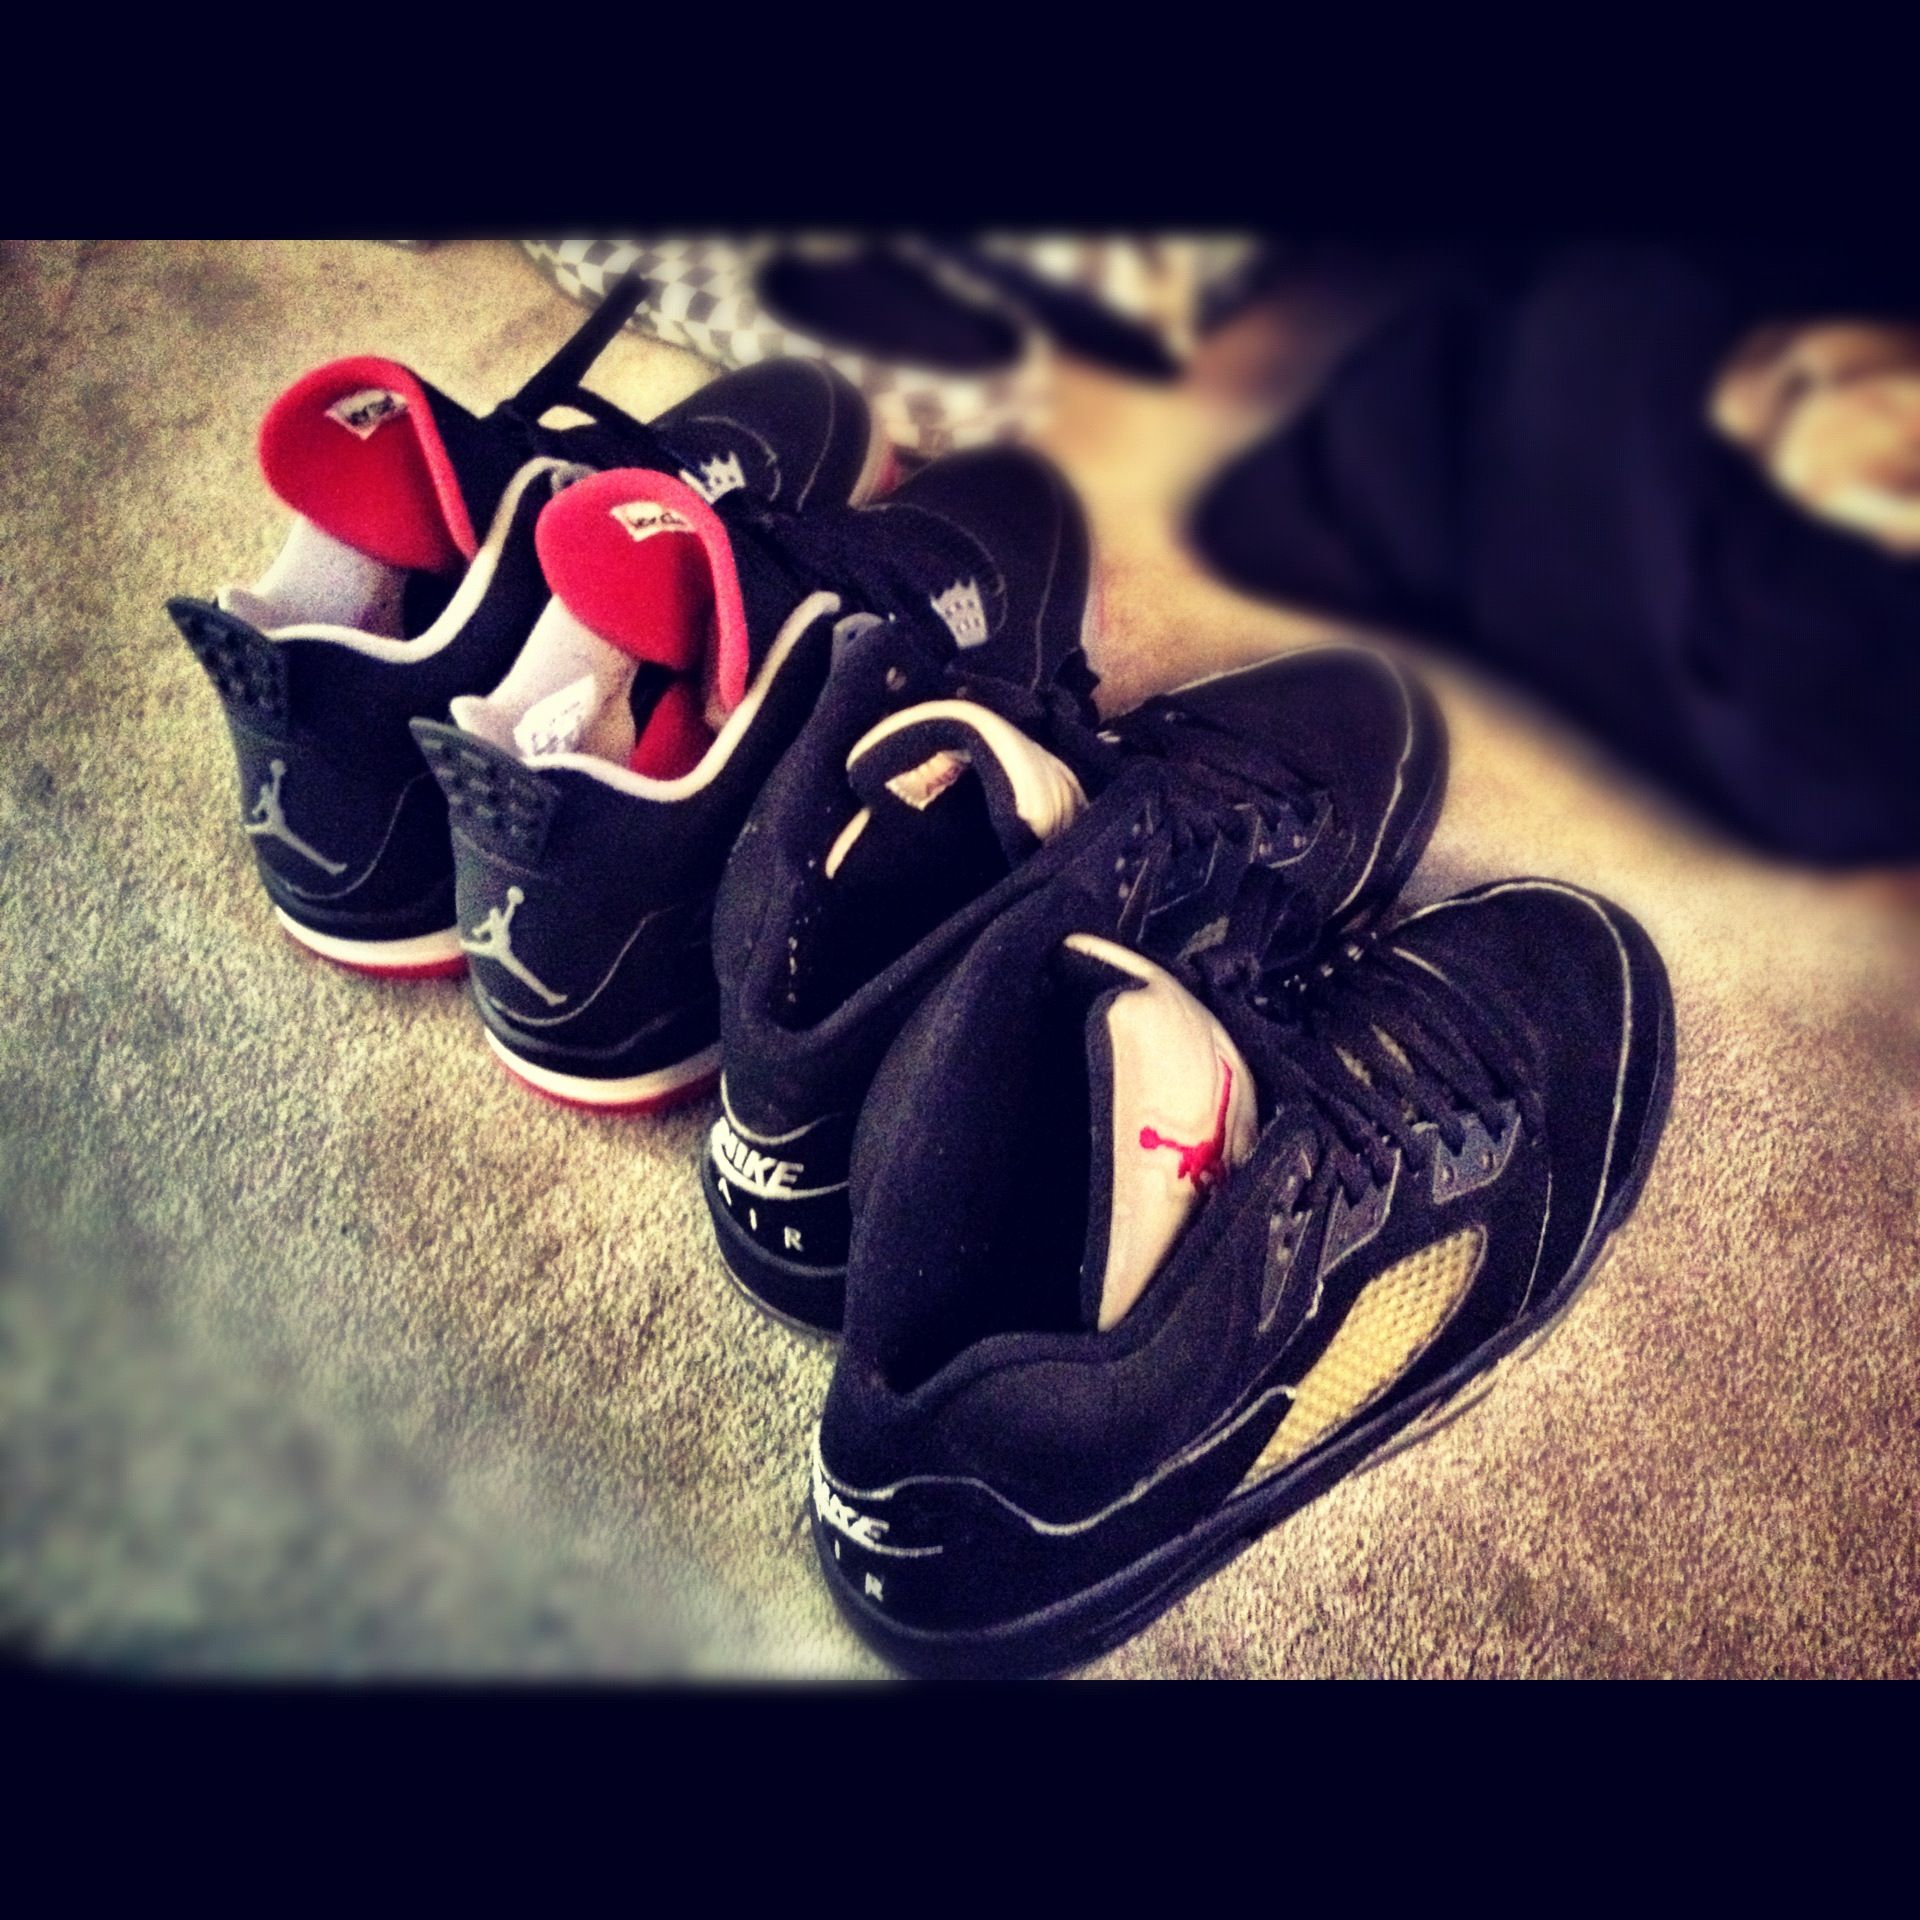 jordans #sneakers #nike #shoes   Me too